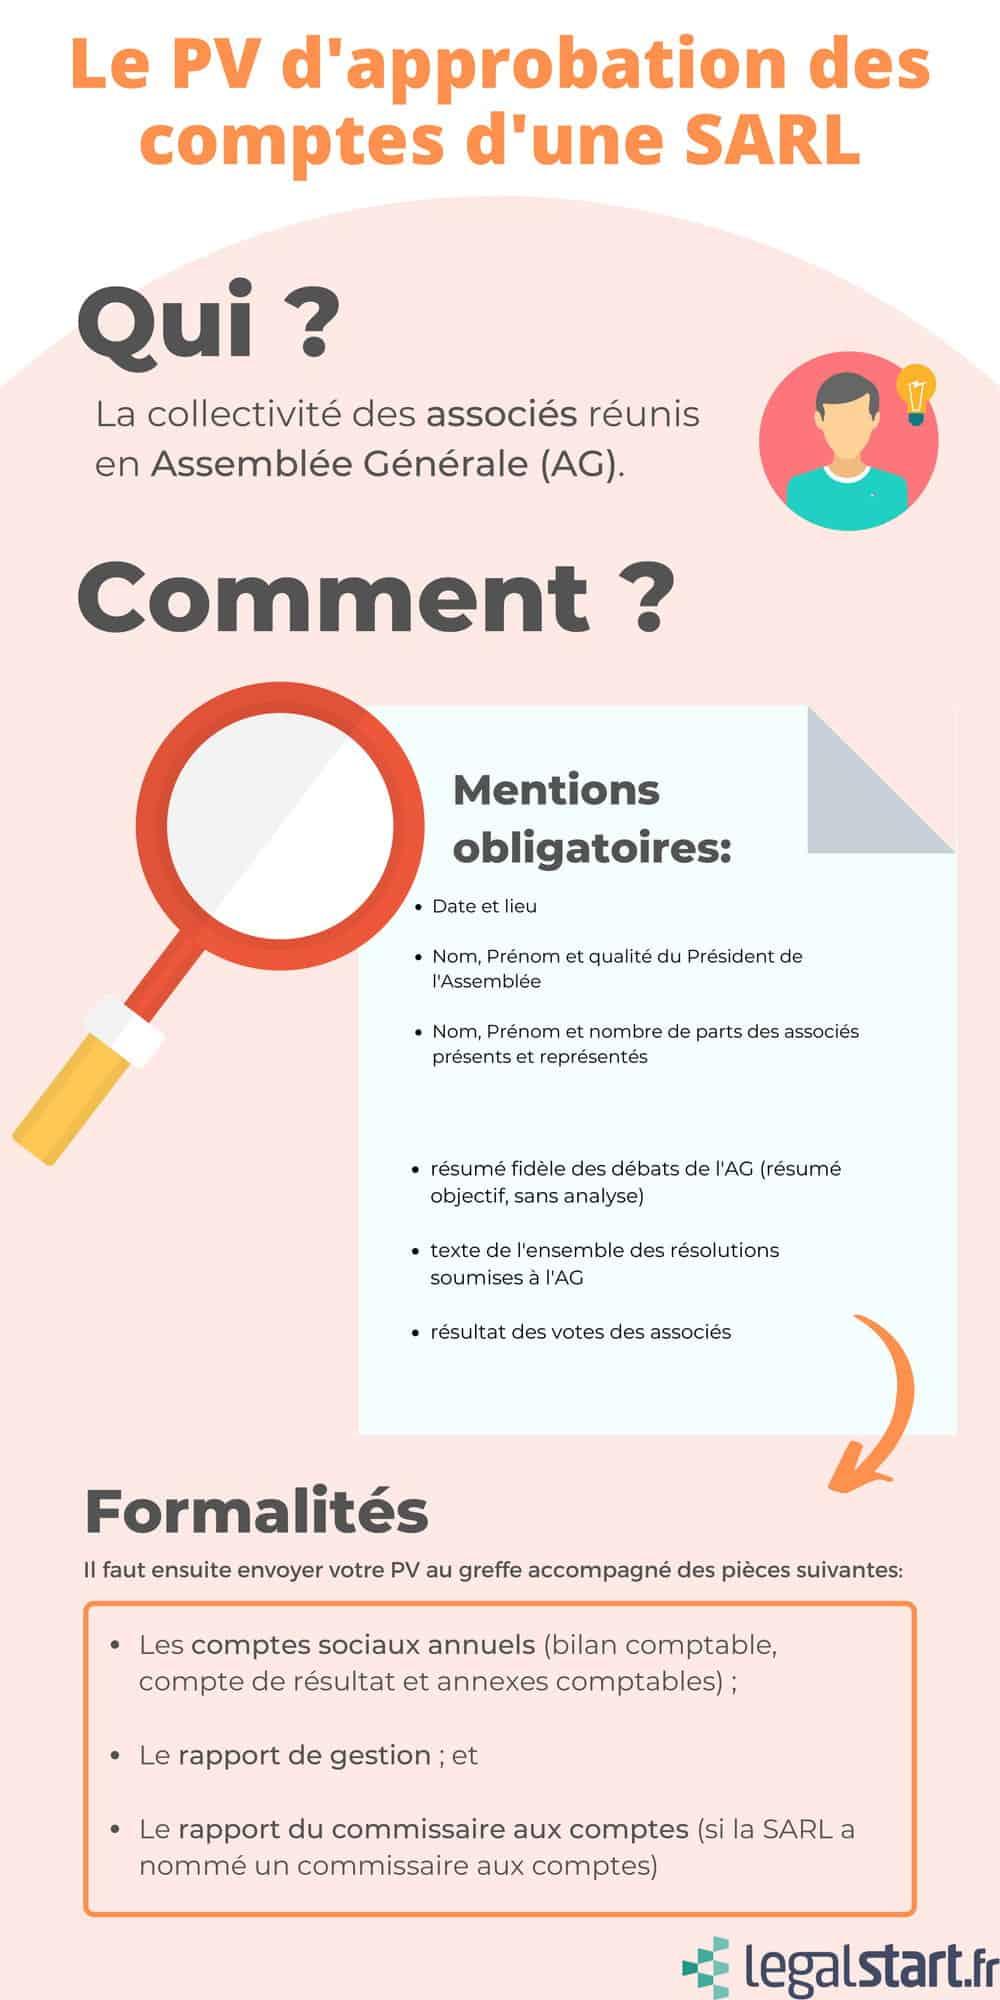 infographie récapitulative pv approbation des comptes sarl